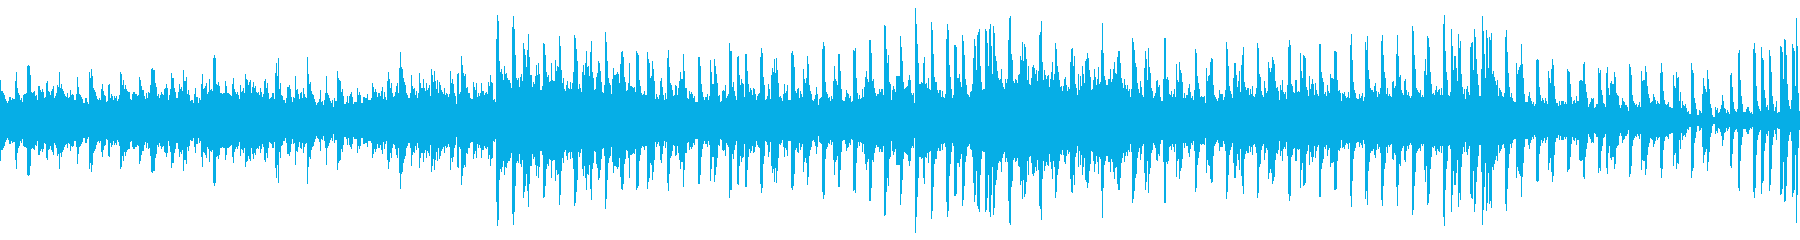 期待感ある未来SF的オープニング曲の再生済みの波形